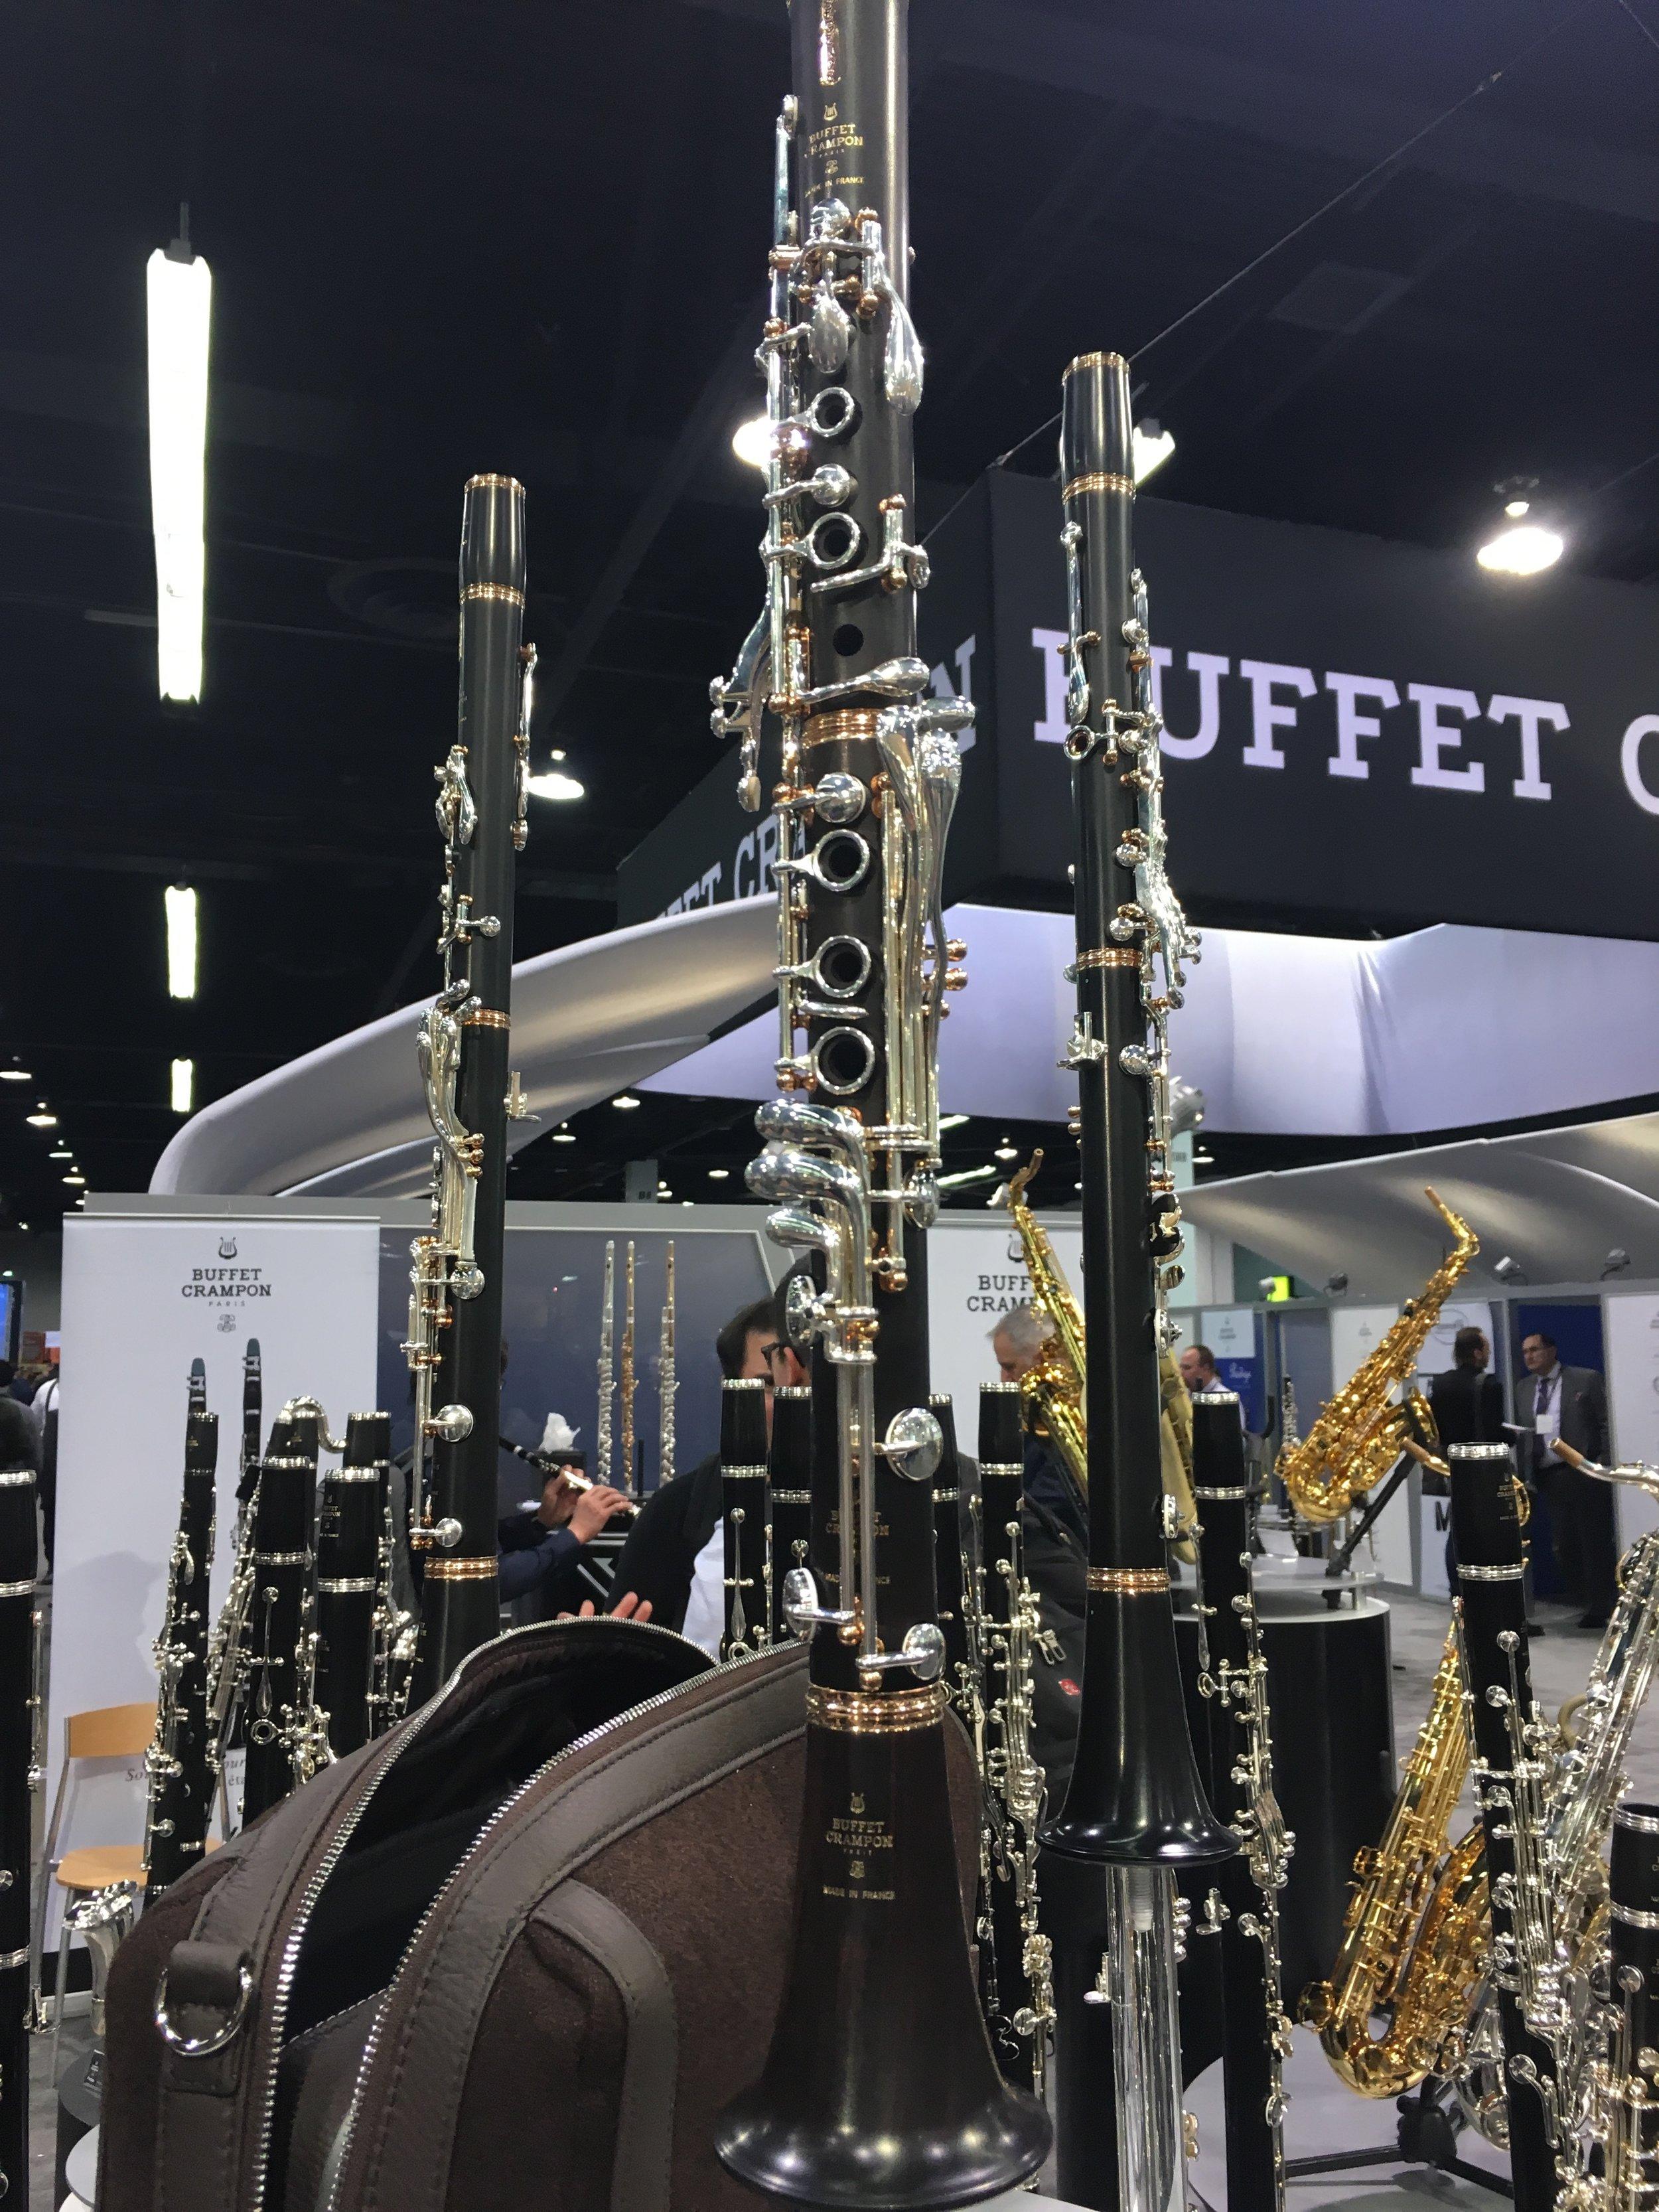 Buffet Clarinet Legende Namm Show 2018.JPG